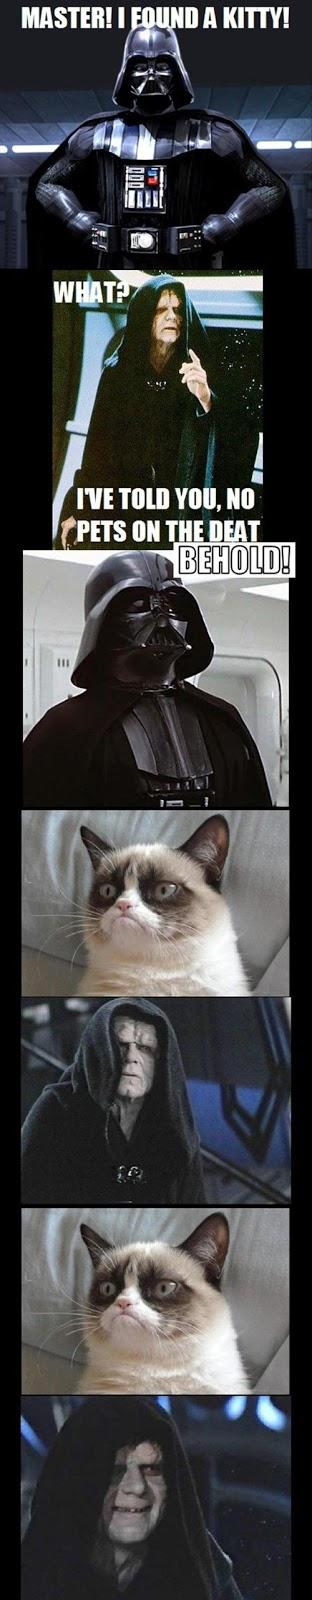 star wars grumpy cat - photo #16